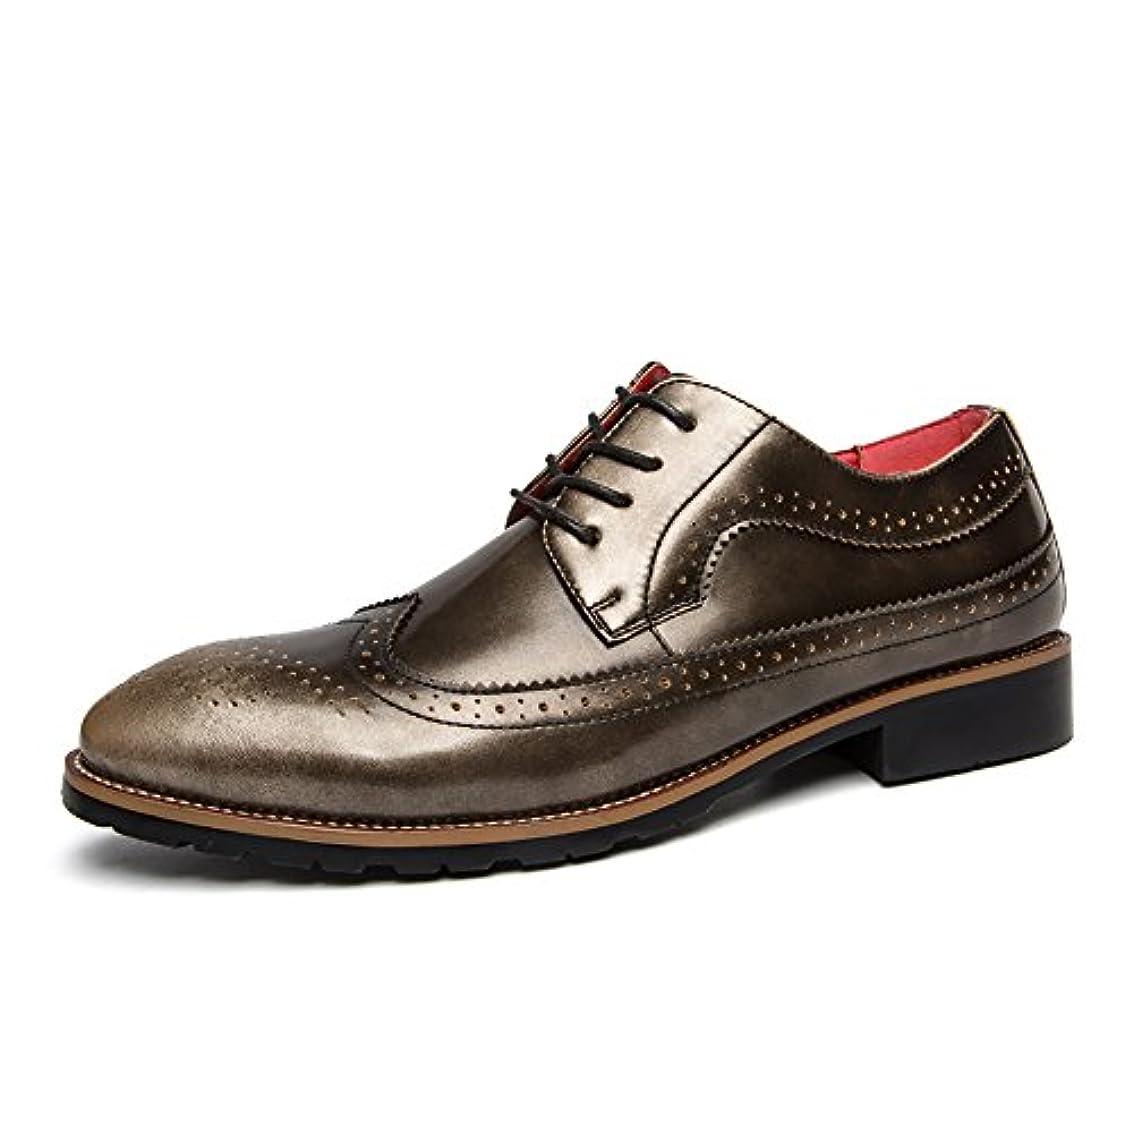 国旗悪用パール高品質 人気 メンズビジネスシューズ 本革 紳士靴 滑り止め リーガル 靴 防水 抗菌 消臭 通気性 革靴